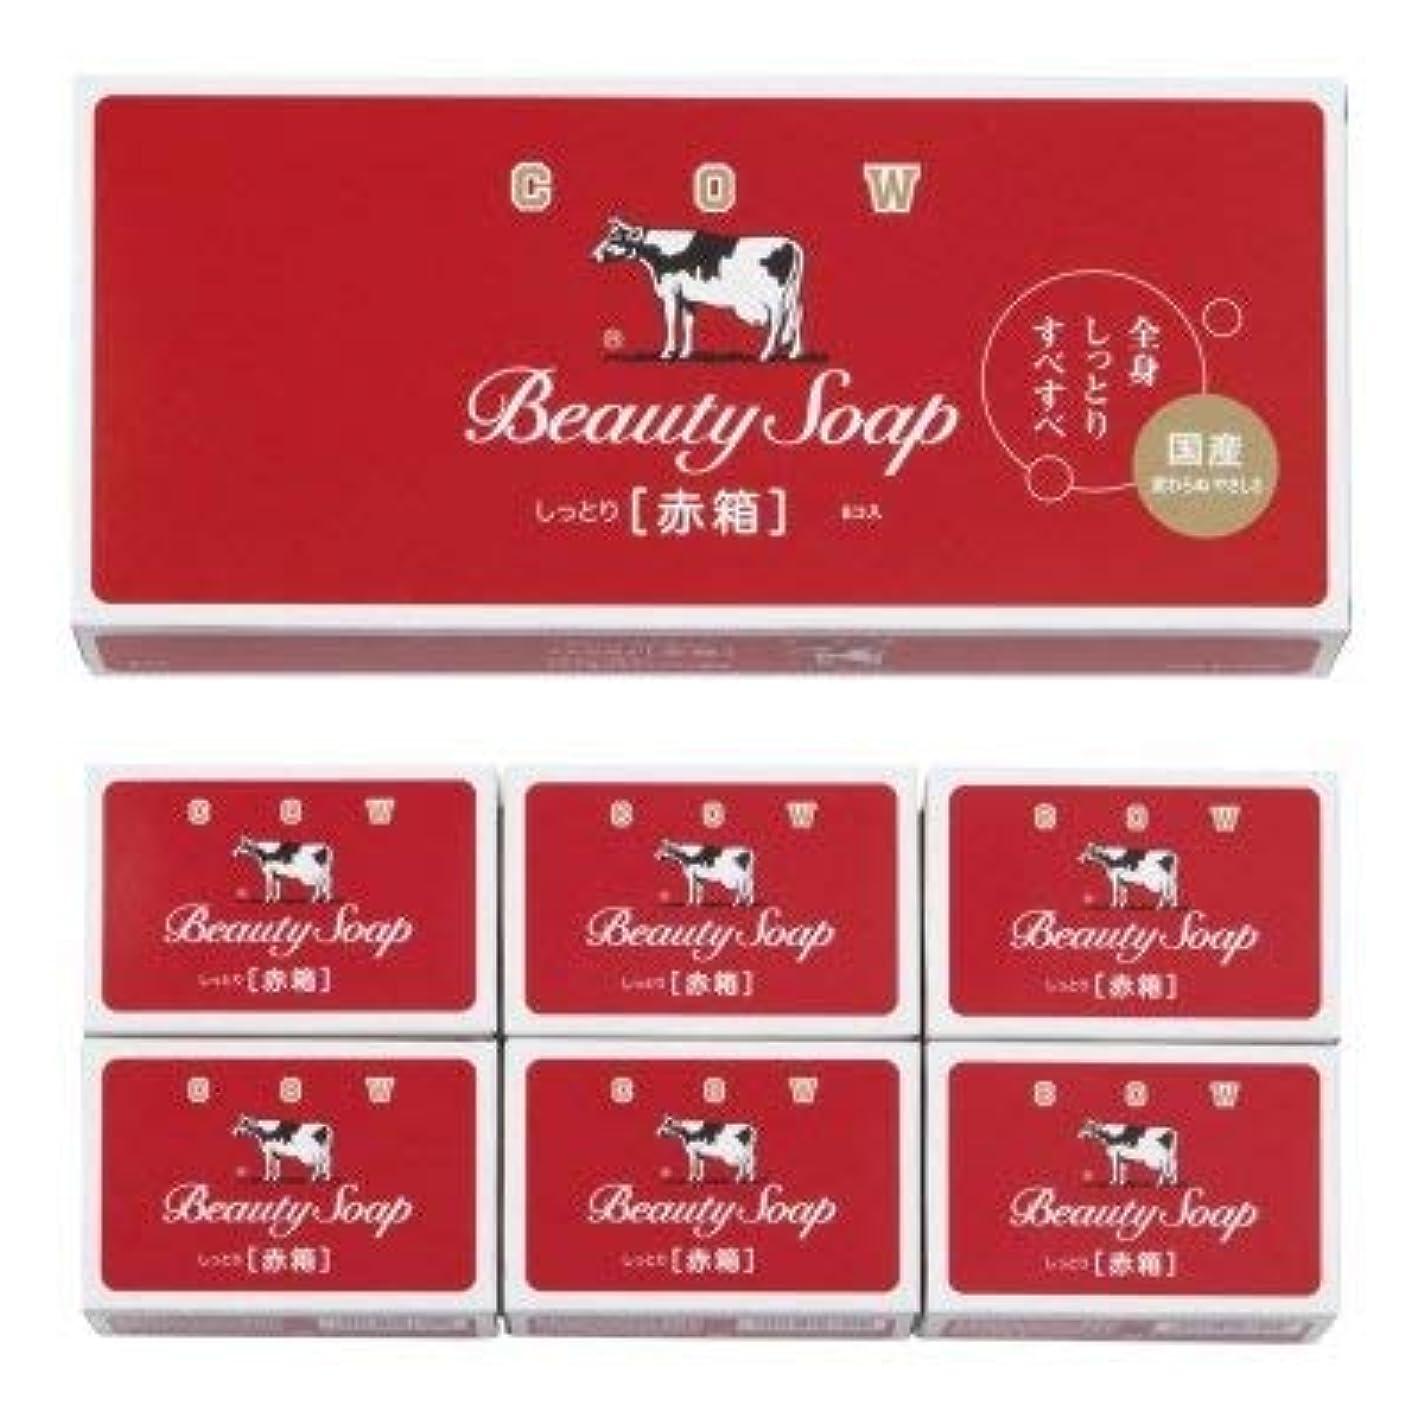 塊ペックパントリー【国産】牛乳石鹸 カウブランド 赤箱6コ入 (12個1セット)